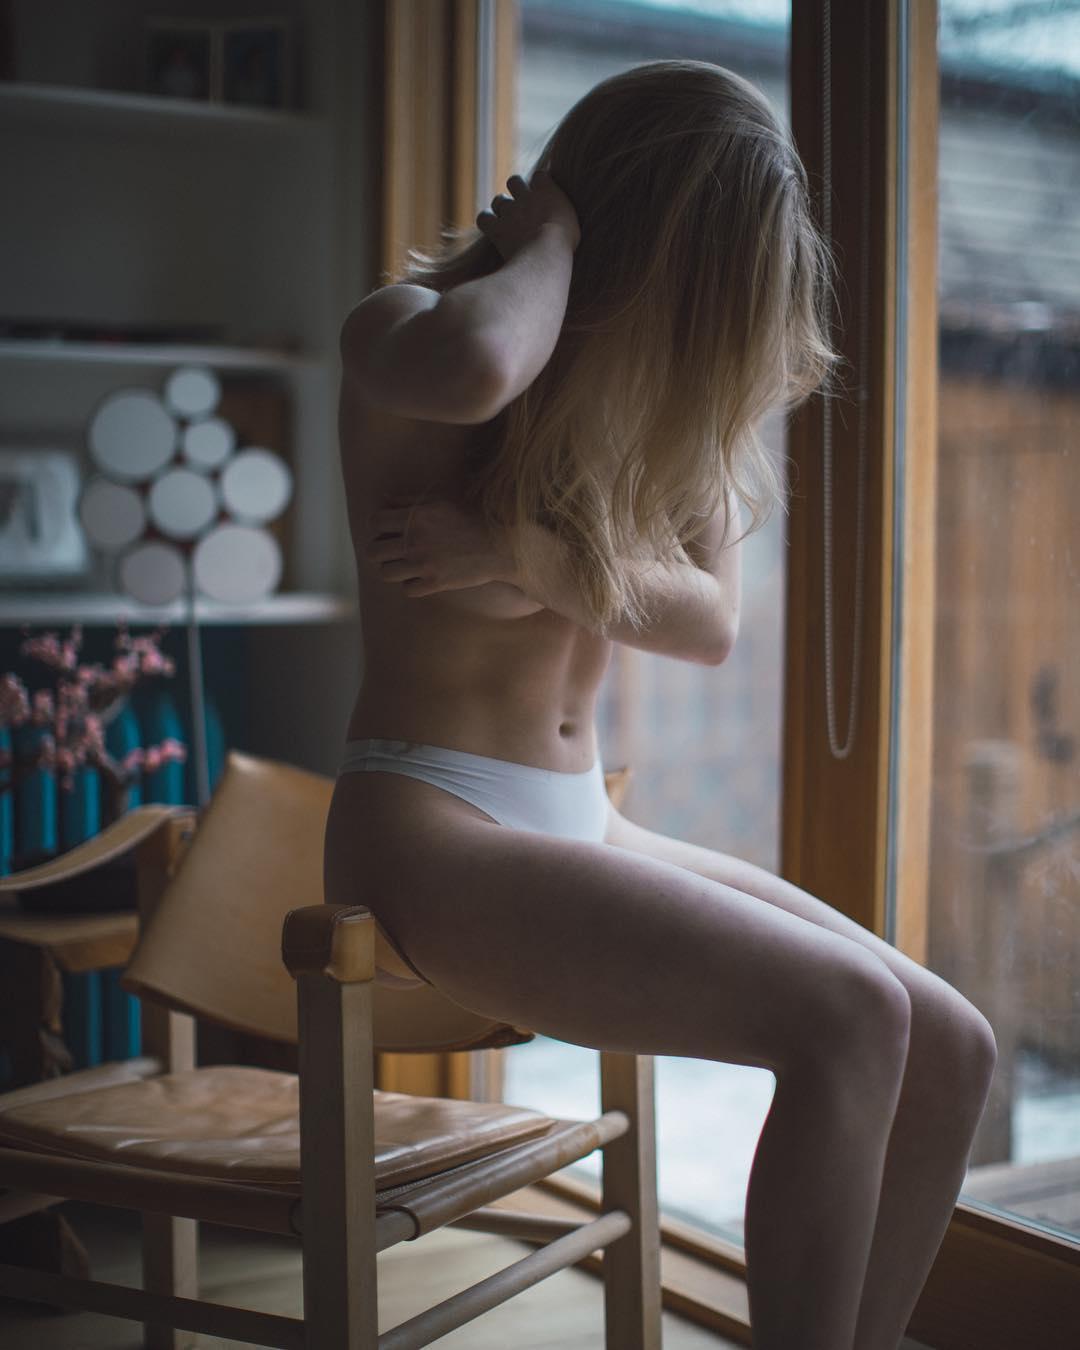 Чувственные снимки девушек от Дина Остетто